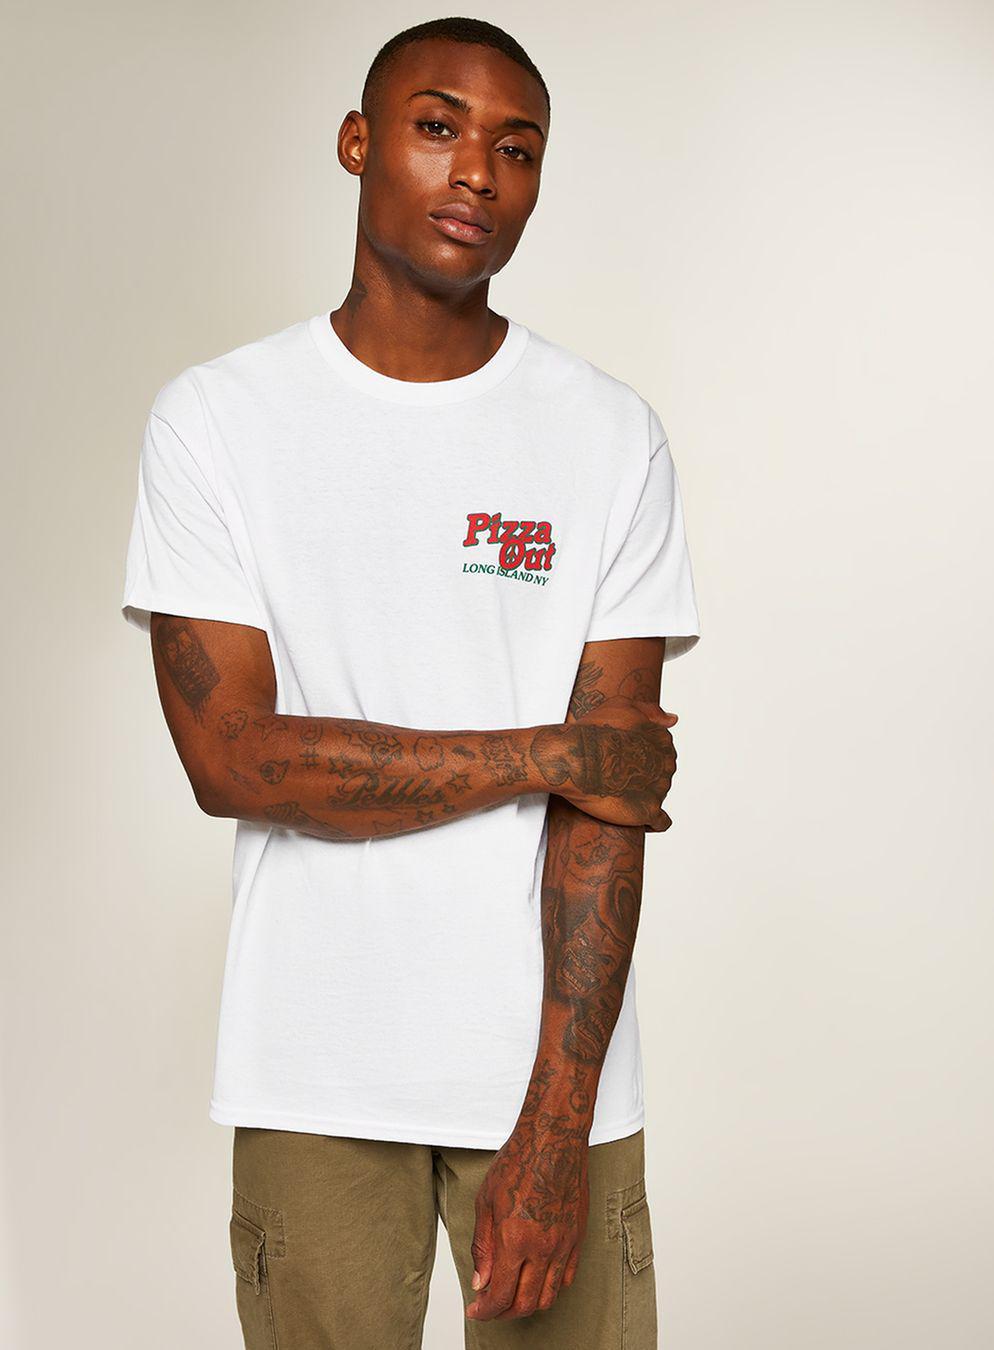 ef64f40d Topman White Pizza T-shirt in White for Men - Lyst